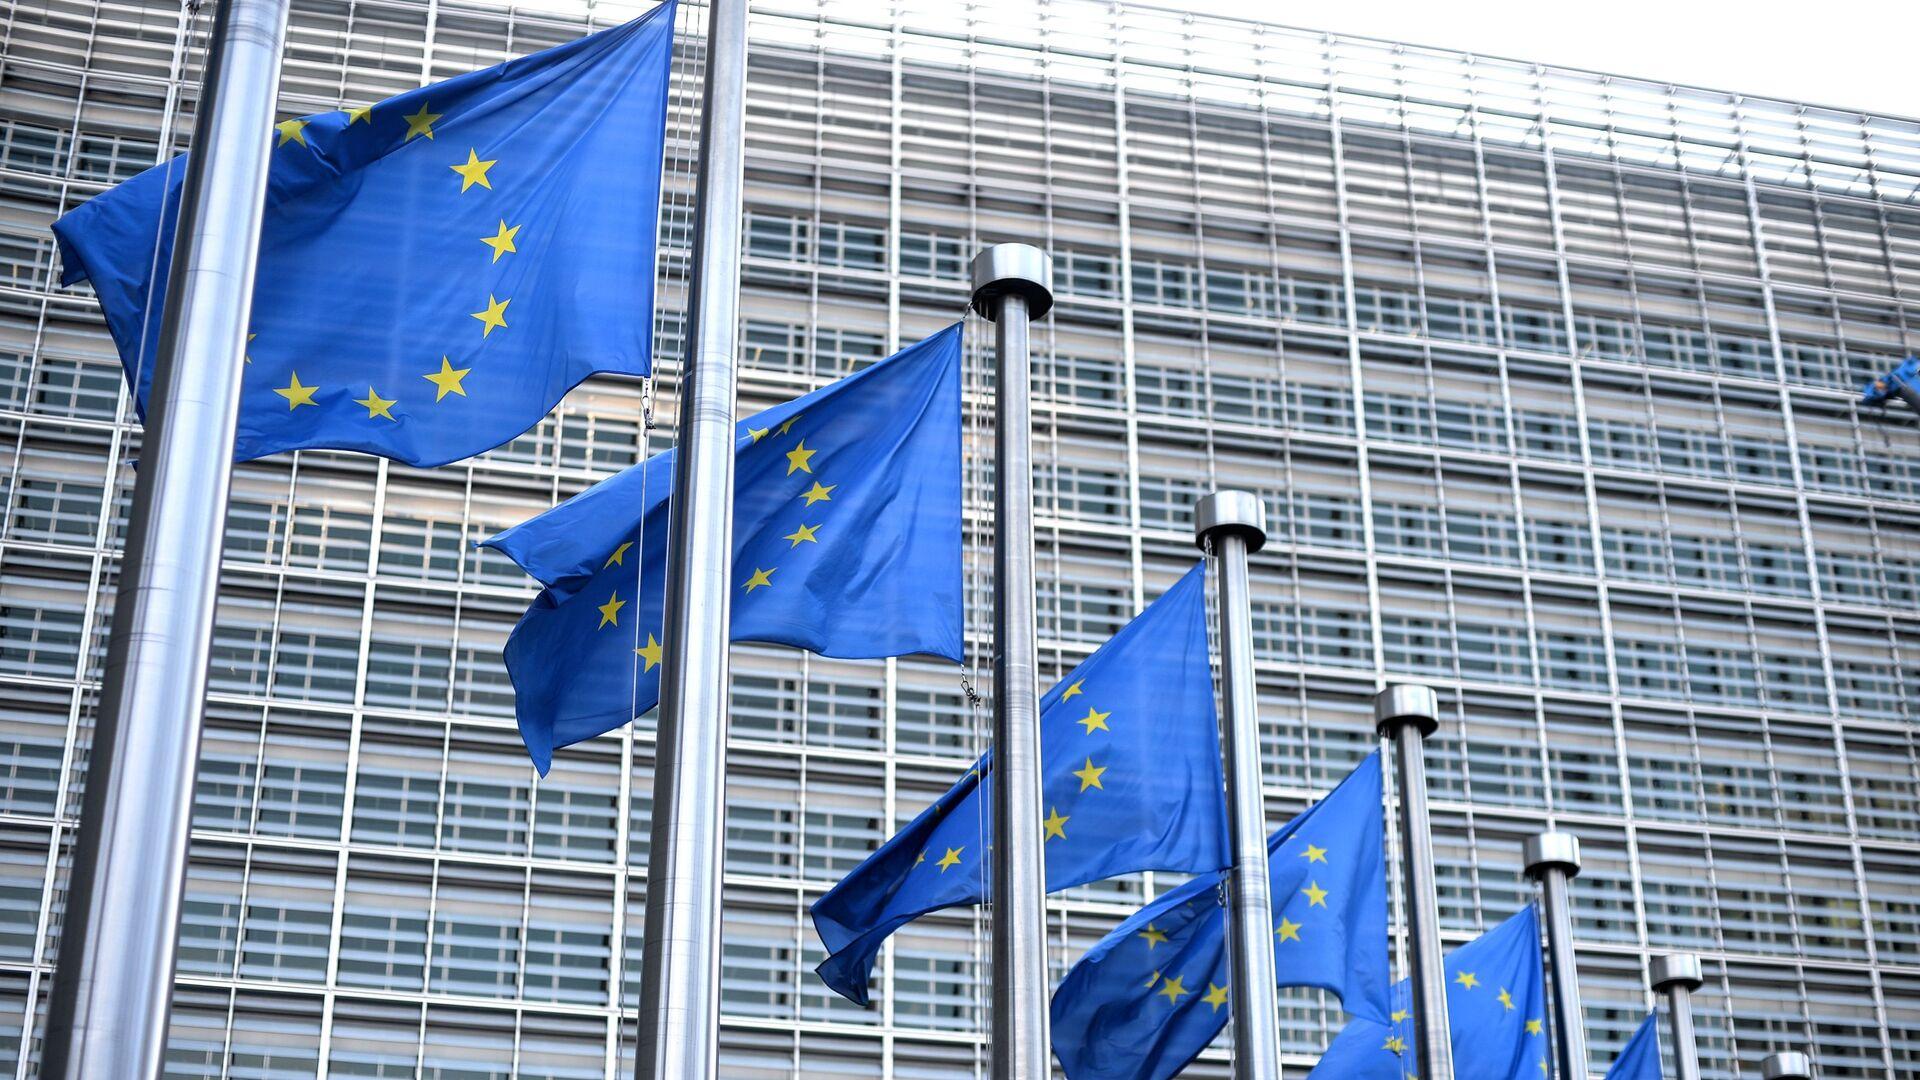 ЕС  Брюссель - Sputnik Грузия, 1920, 02.09.2021